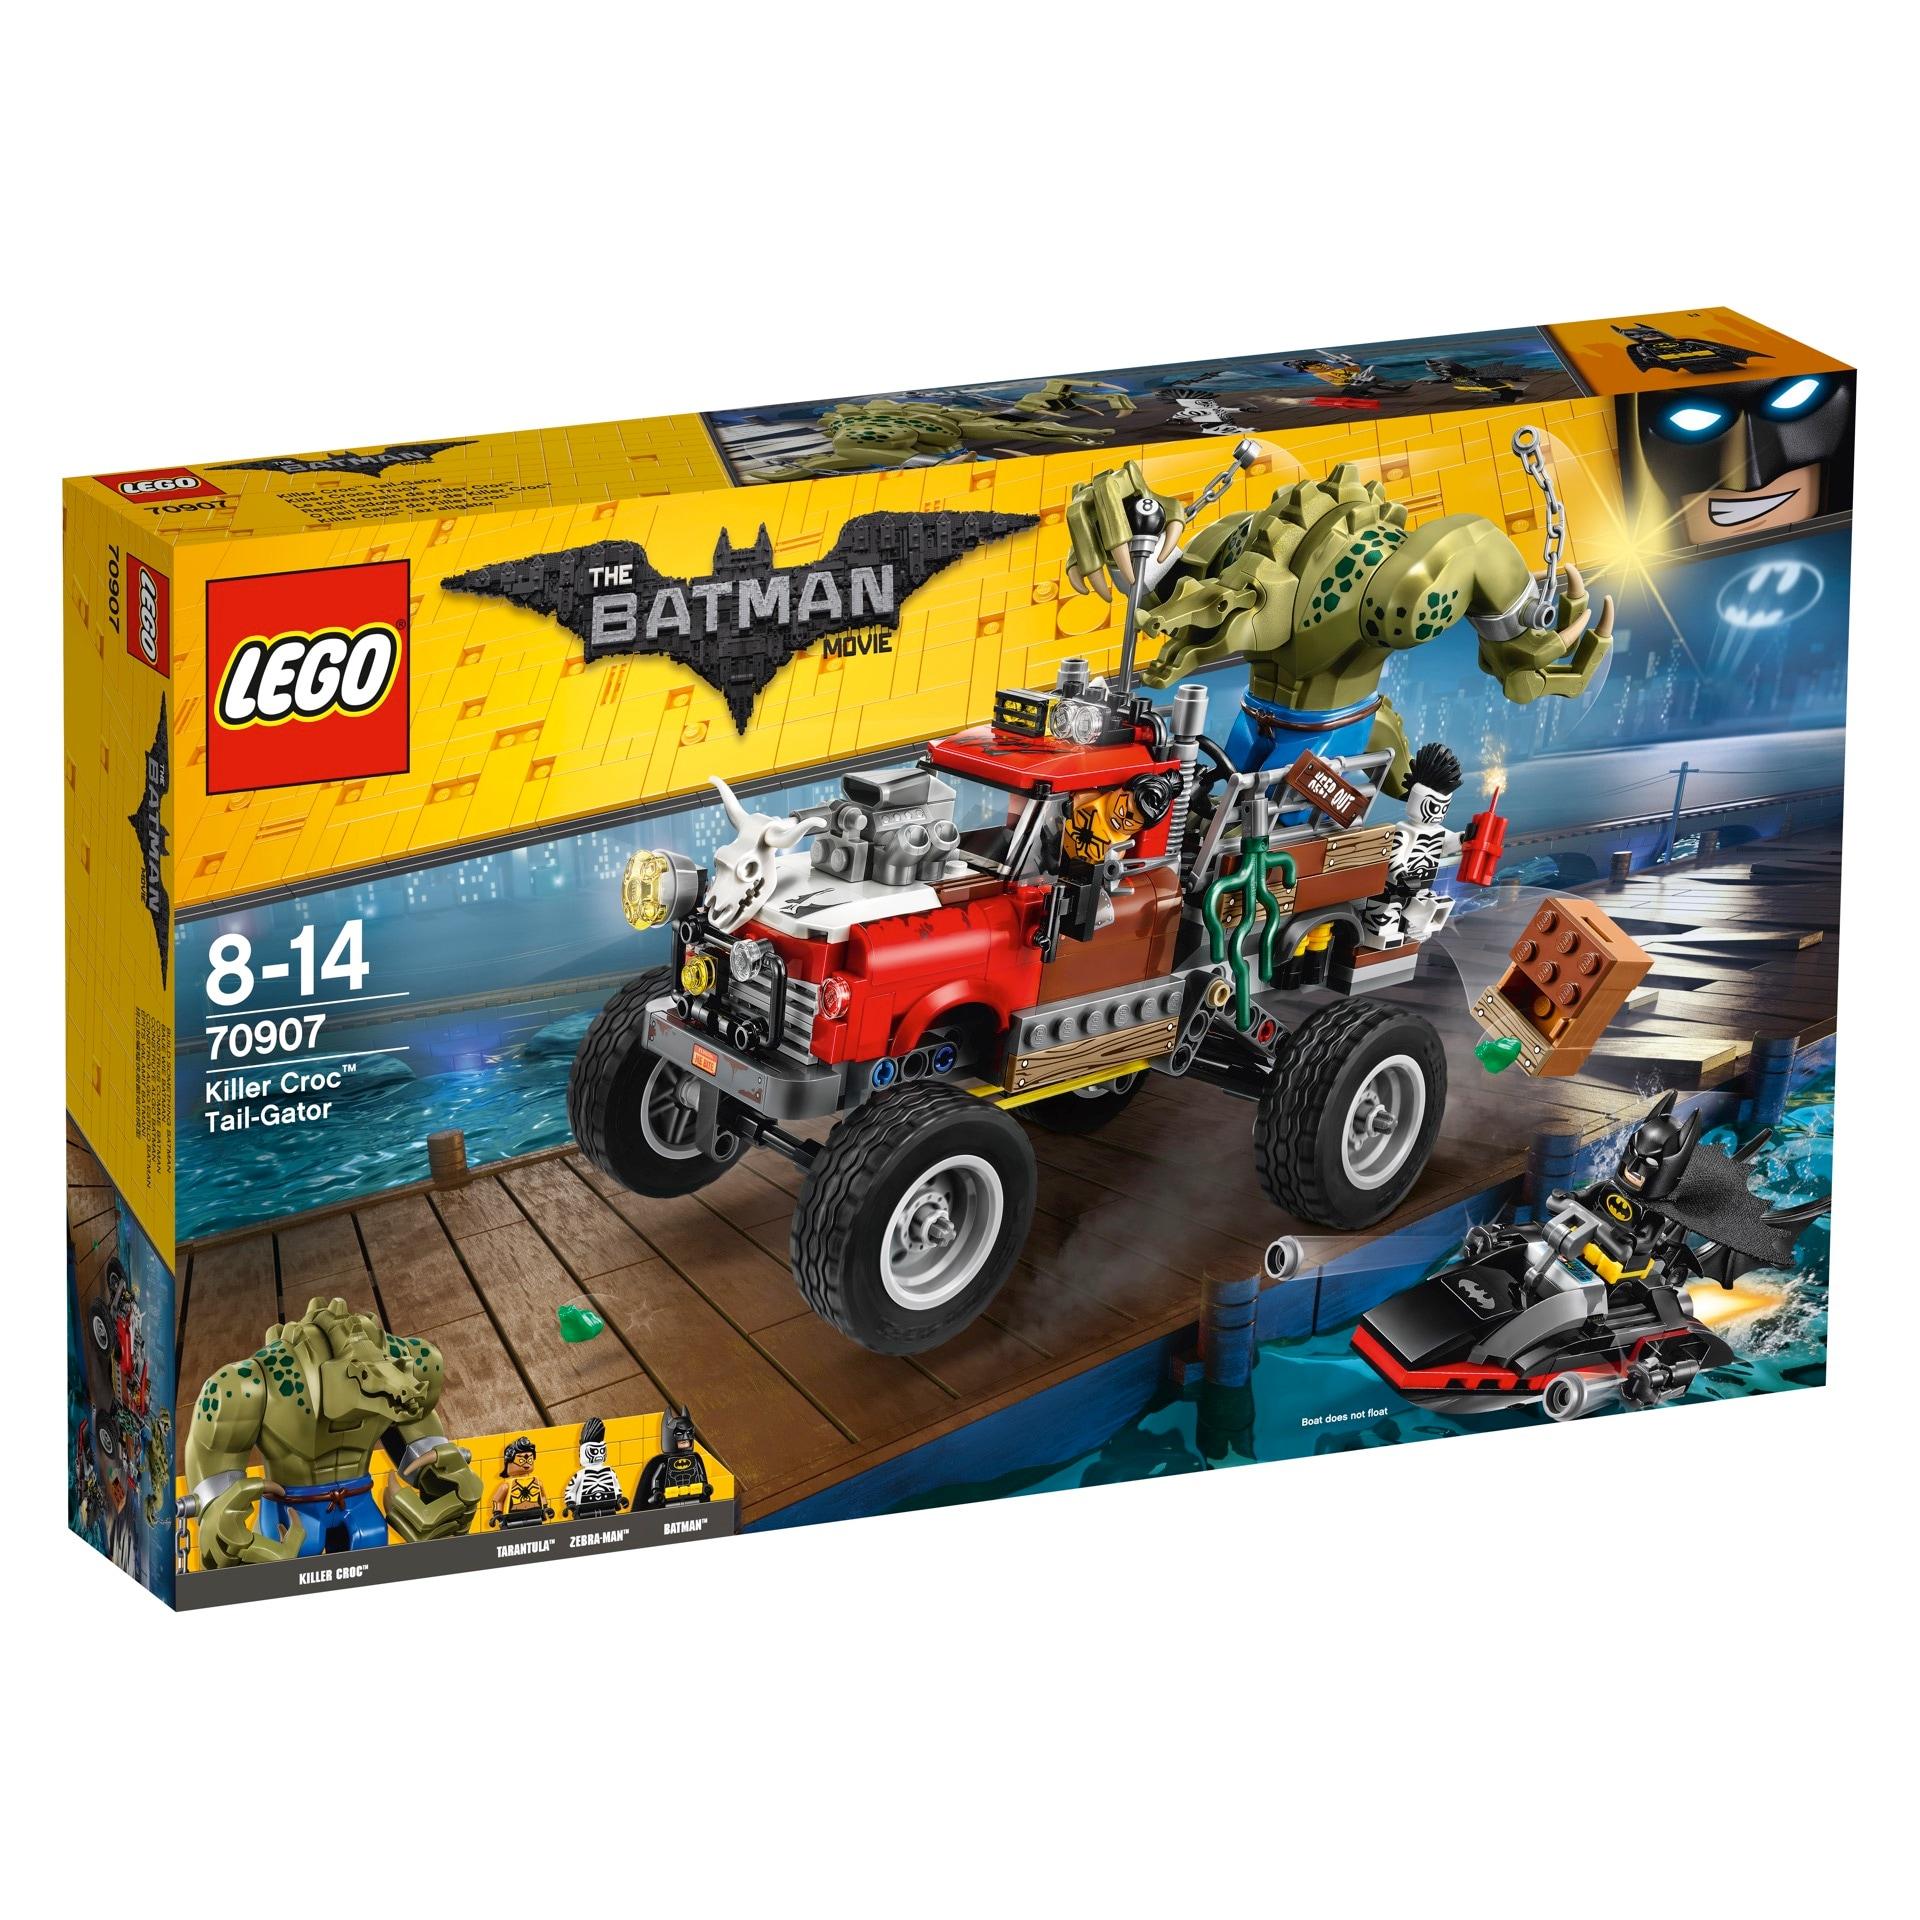 70907__the-lego-batmanmovie_box1_v29